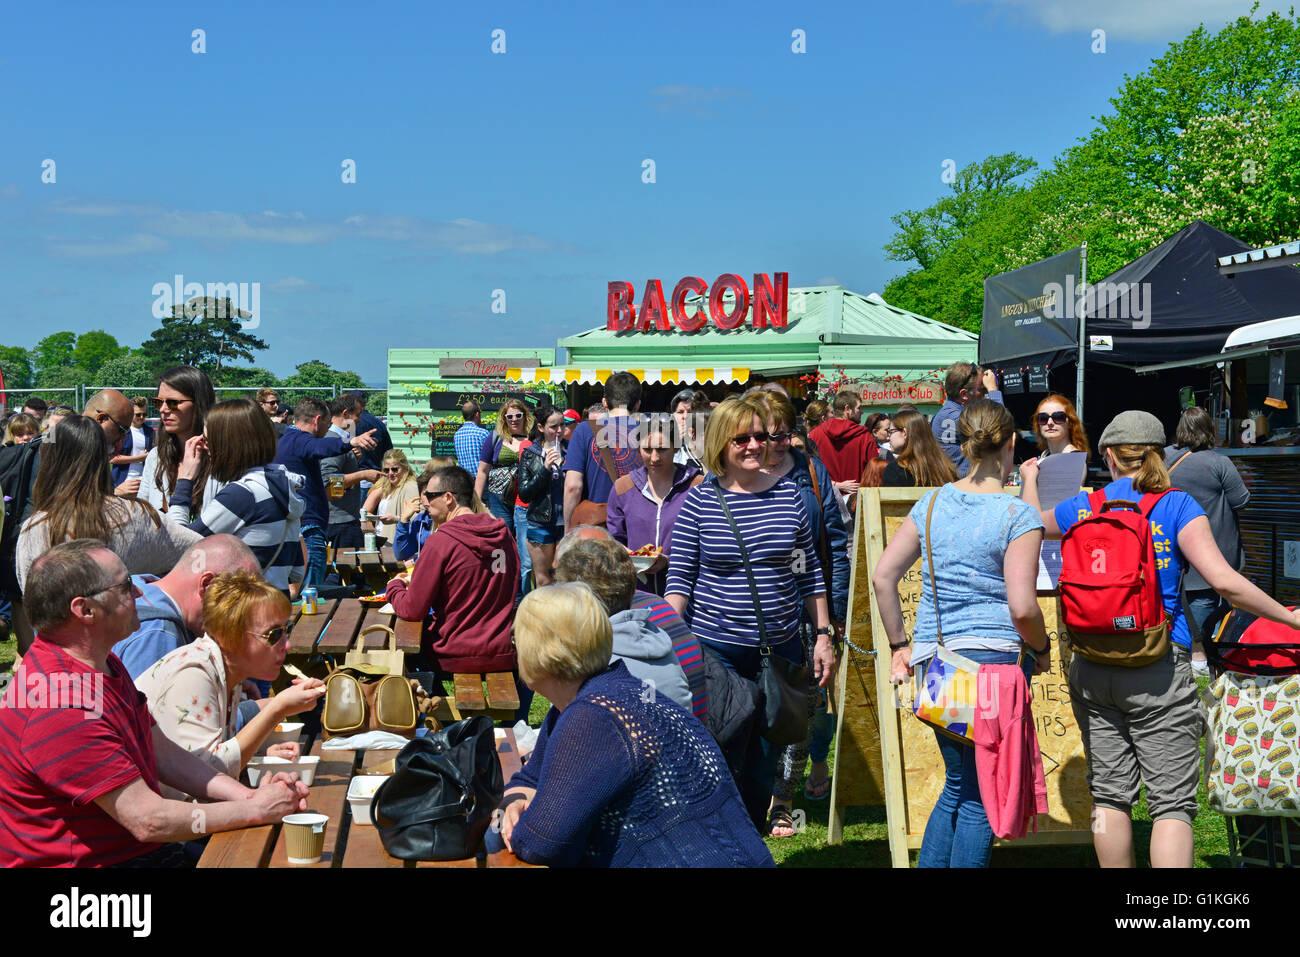 Bristol buongustai festival clifton downs maggio 2016 su una calda giornata di sole Immagini Stock